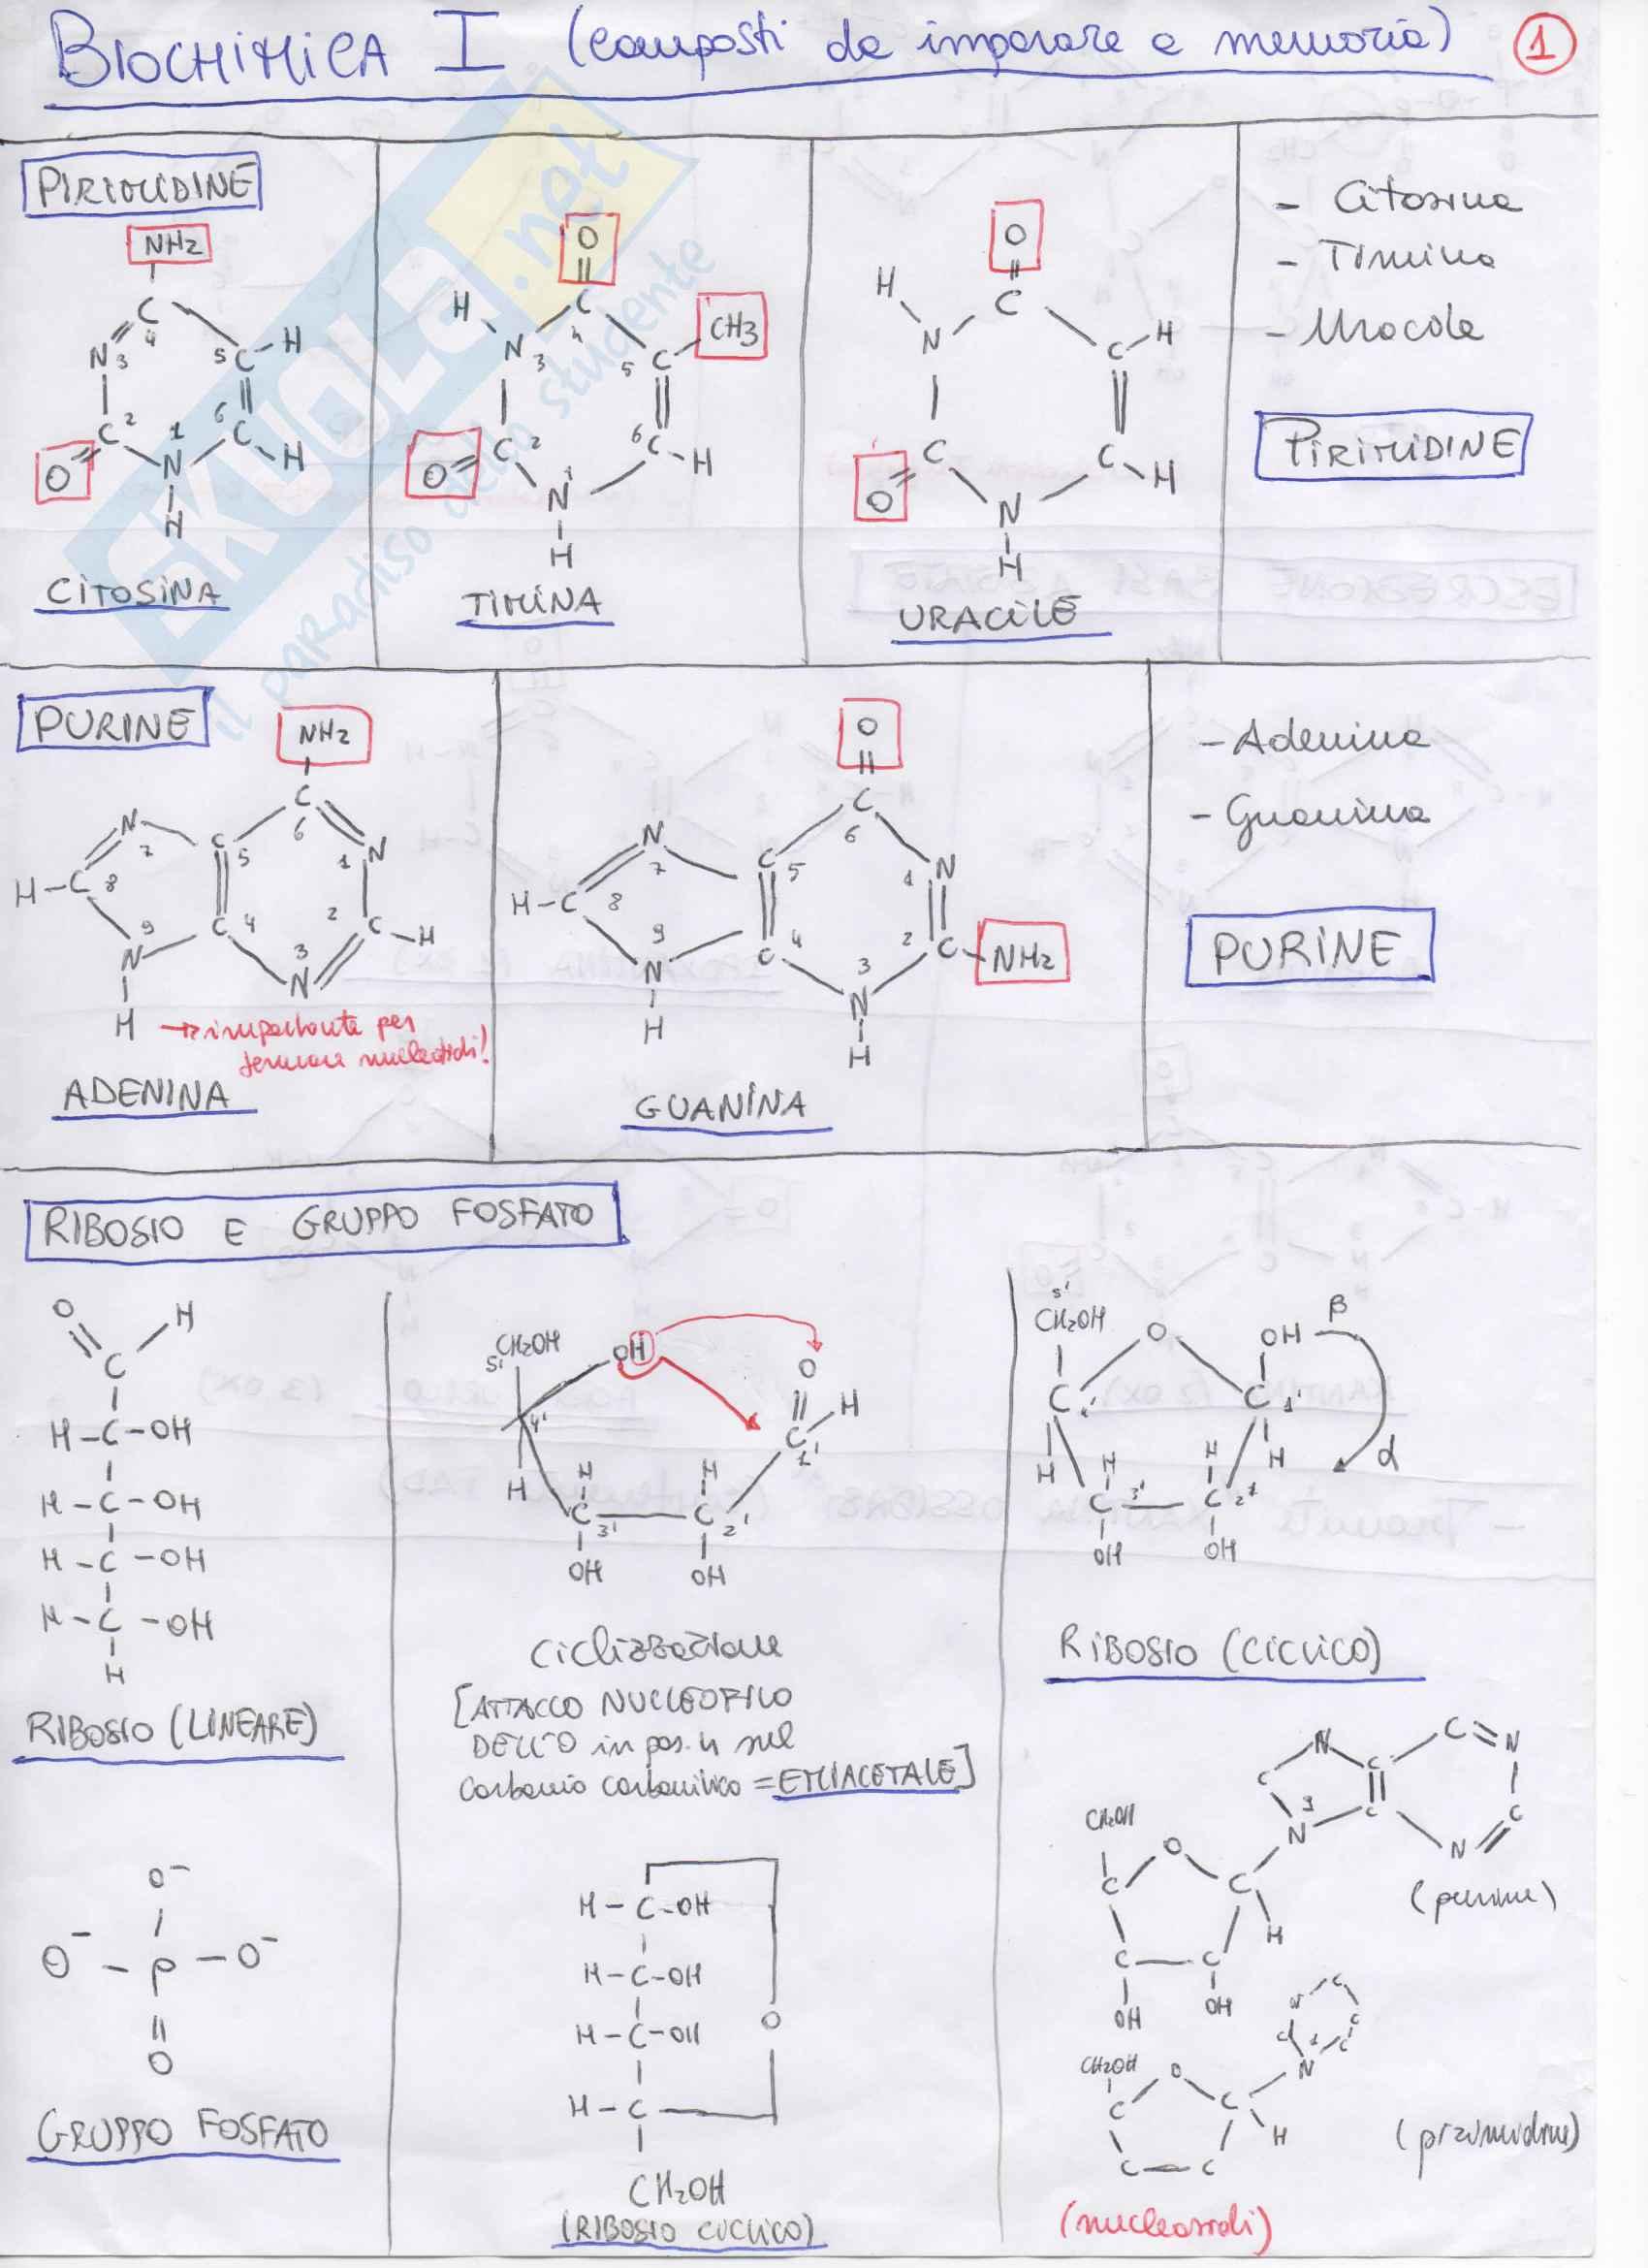 Composti Intermedi, Enzimi, strutture da imparare: biochimica 1 e 2